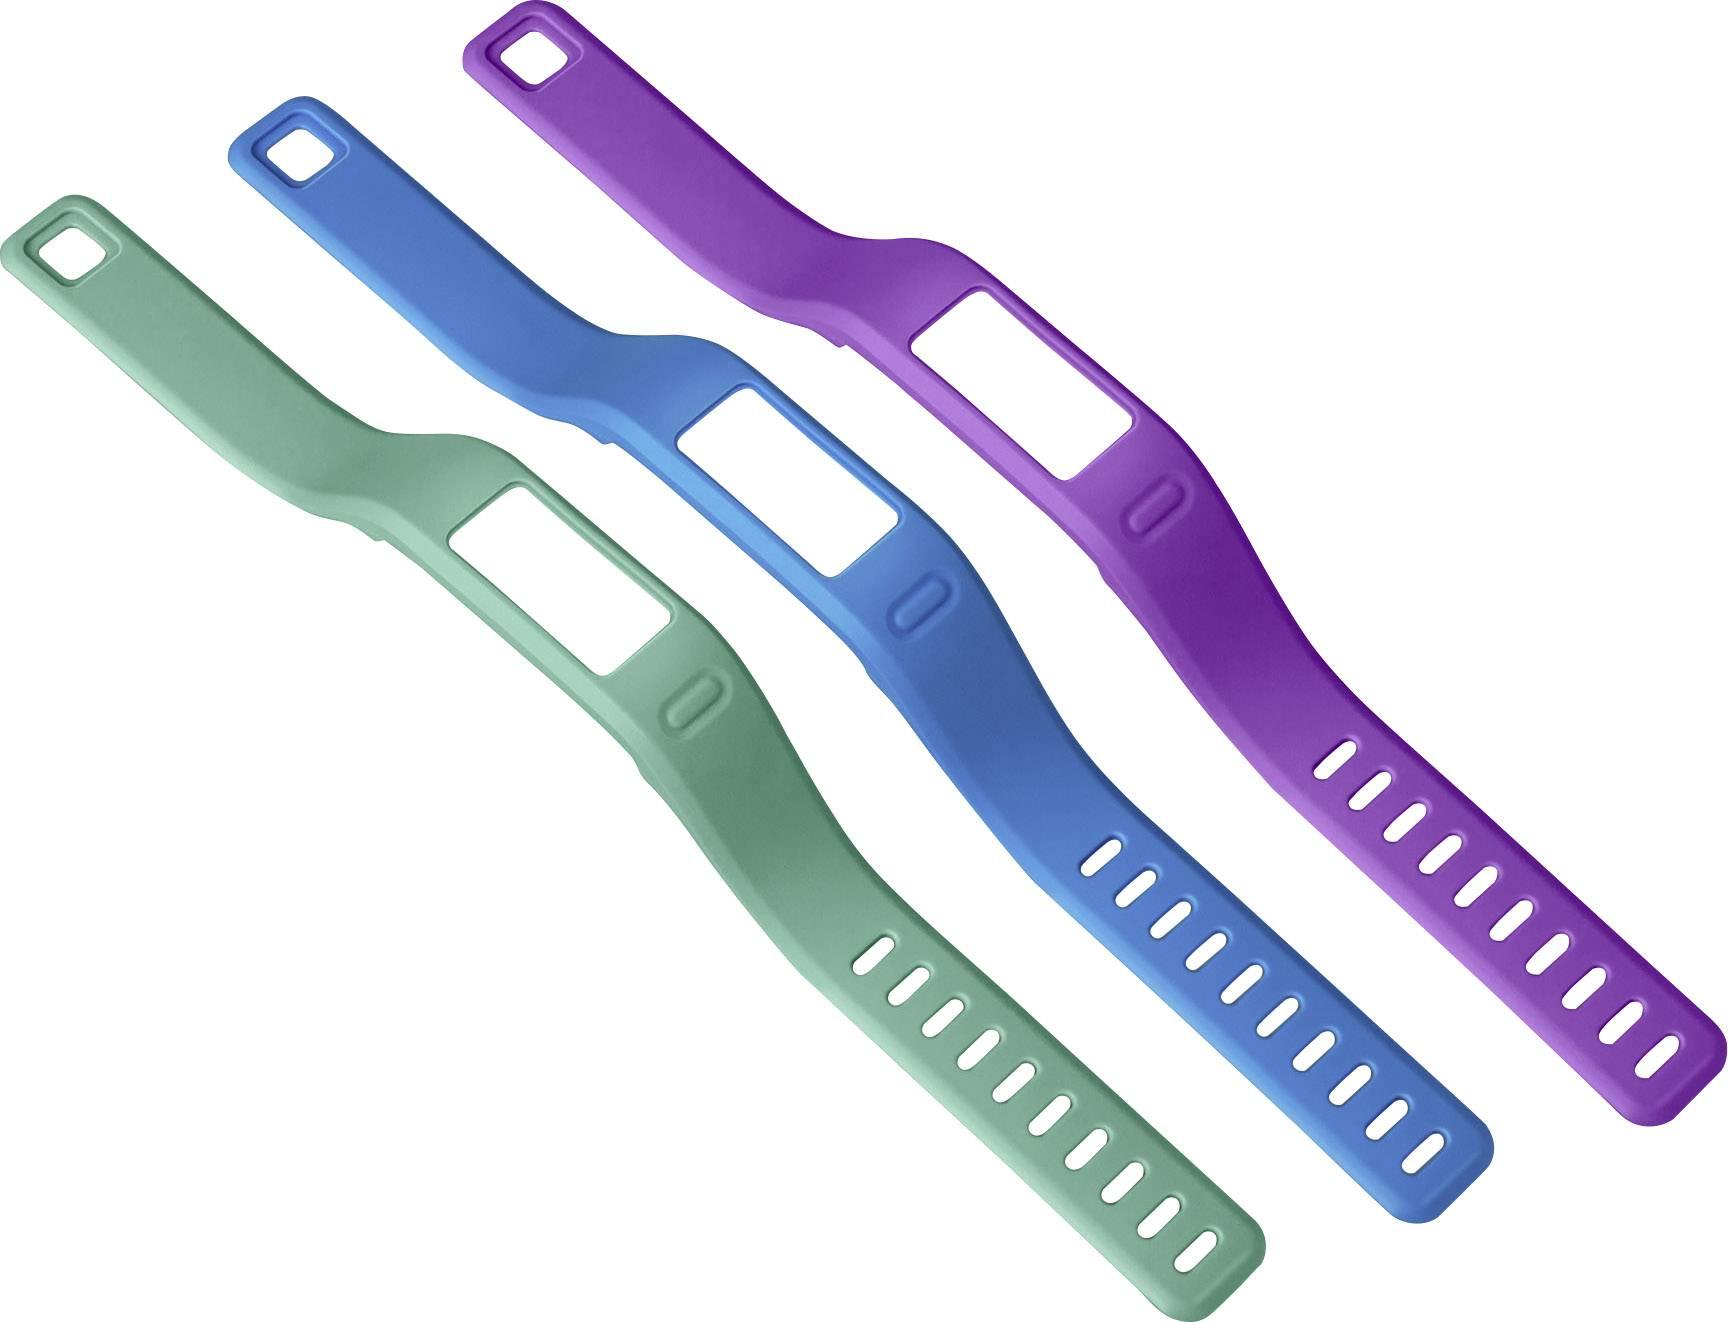 Náhradní řemínek pro Garmin Vivofit, velikost = S, modrá, fialová, zelená, 3 ks